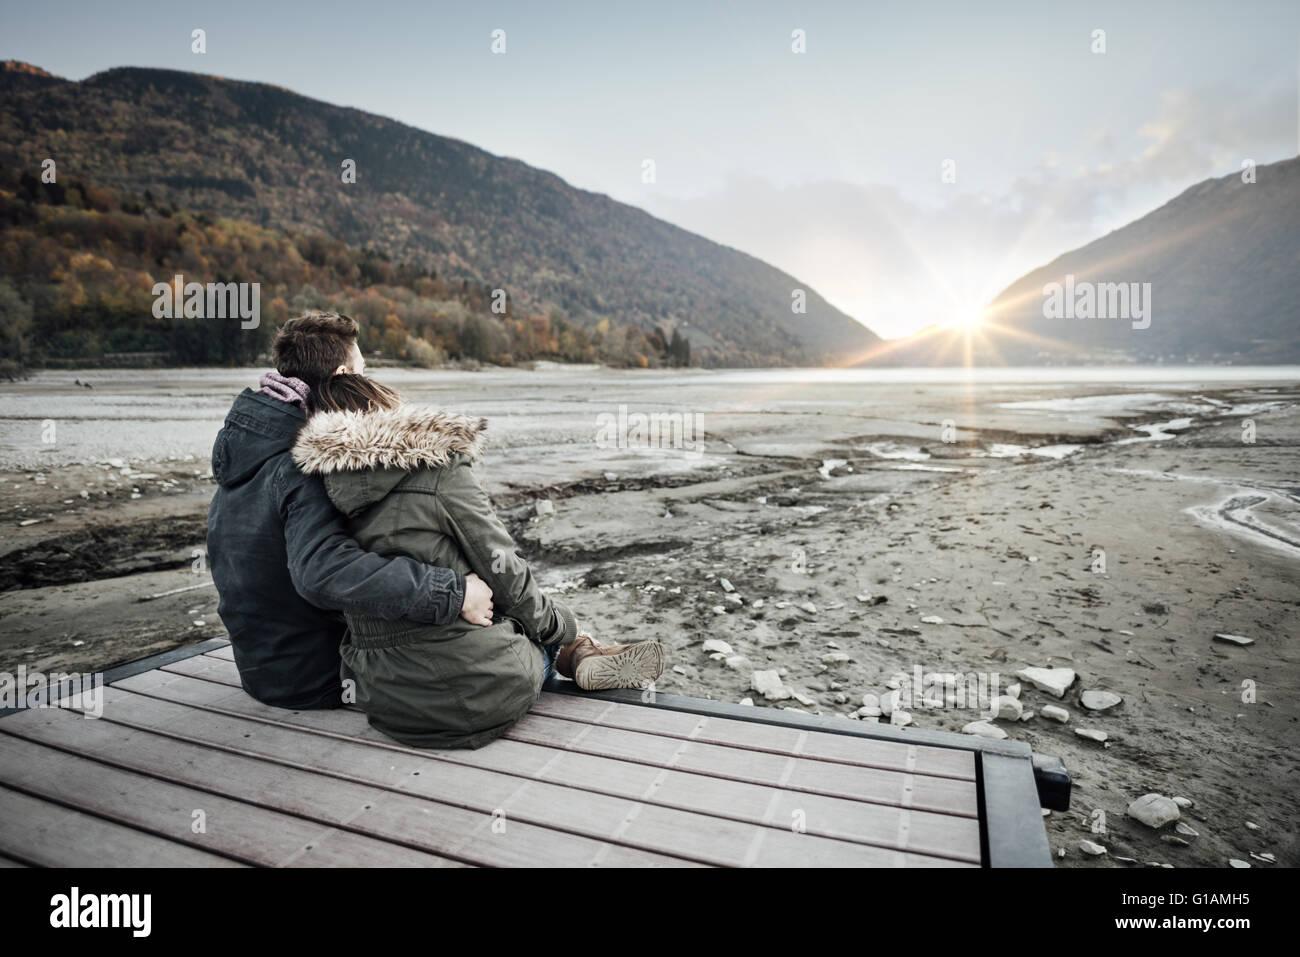 Liebespaar sitzt auf einem Pier, umarmt und wegsehen, Liebe und Gefühle-Konzept Stockfoto